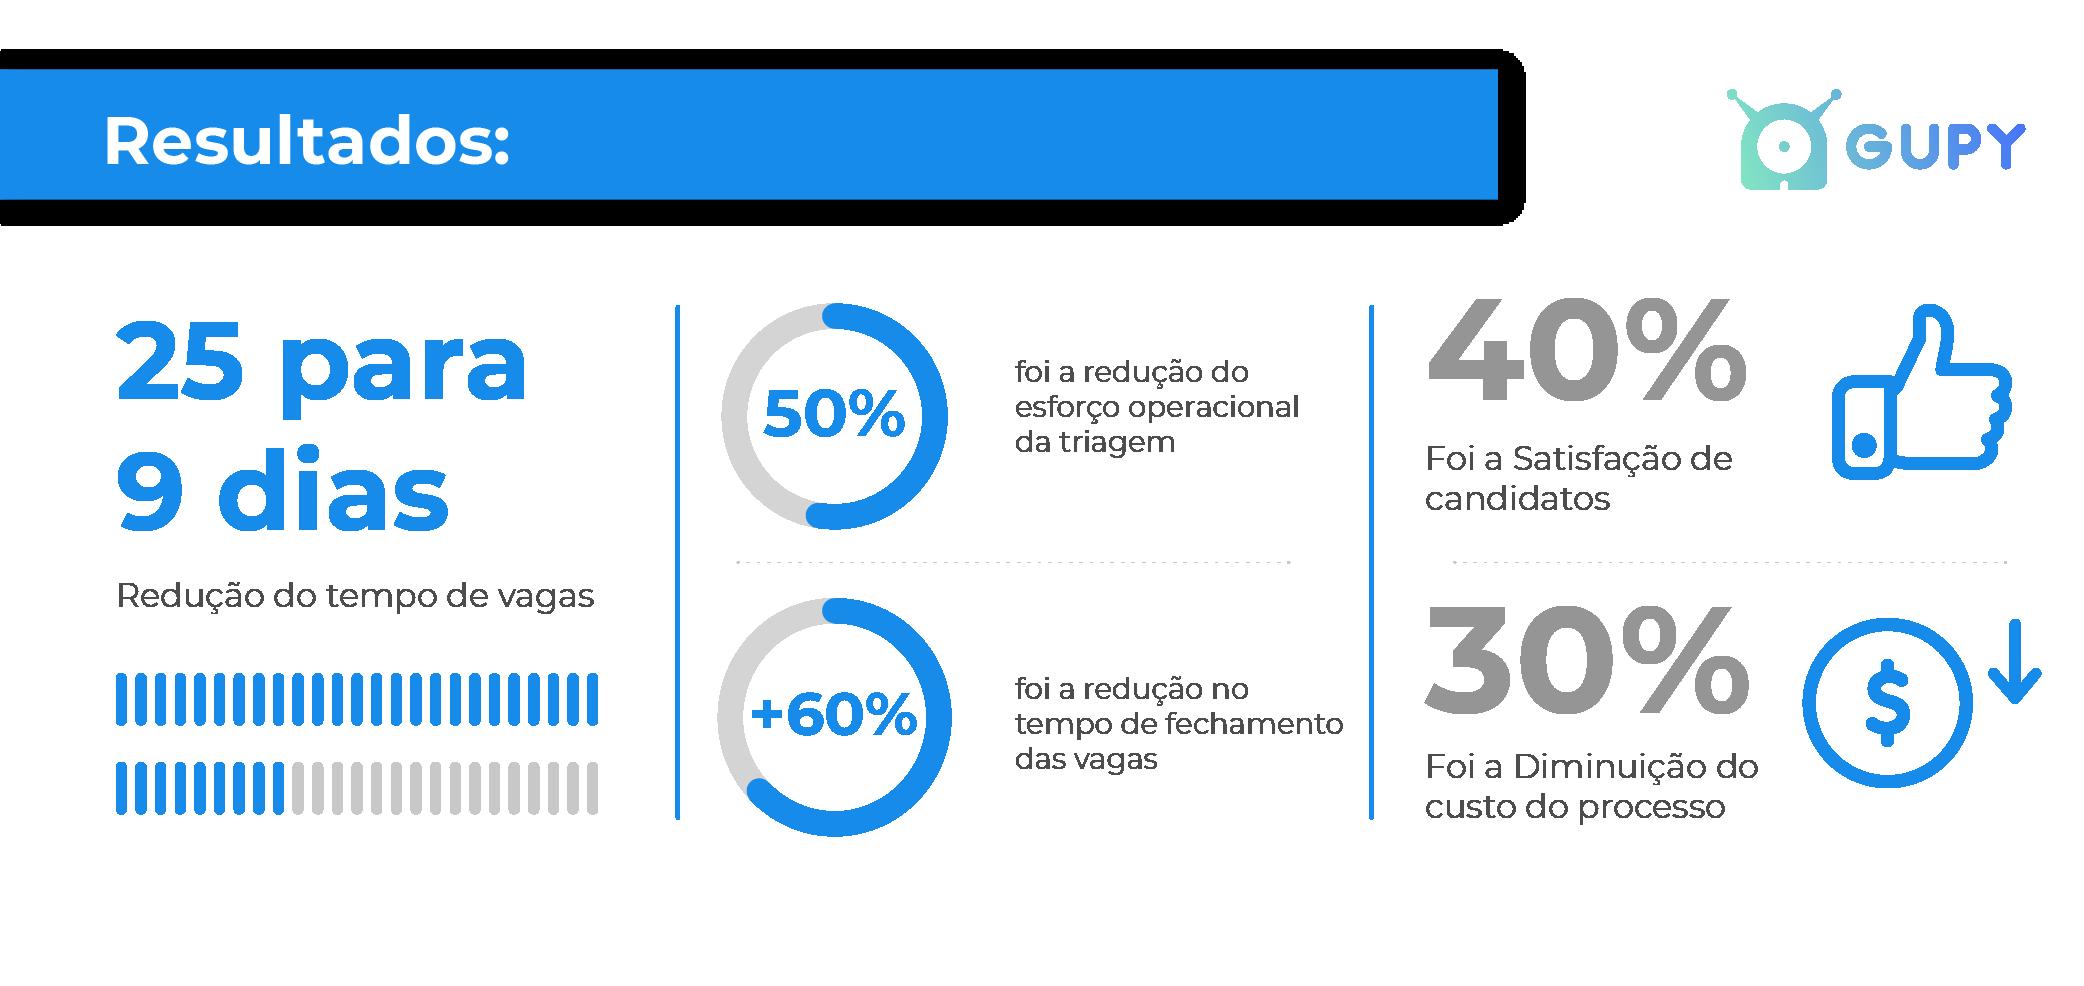 Imagem com os resultados da Gupy para cliente Comunique-se na contratação de funcionários certos